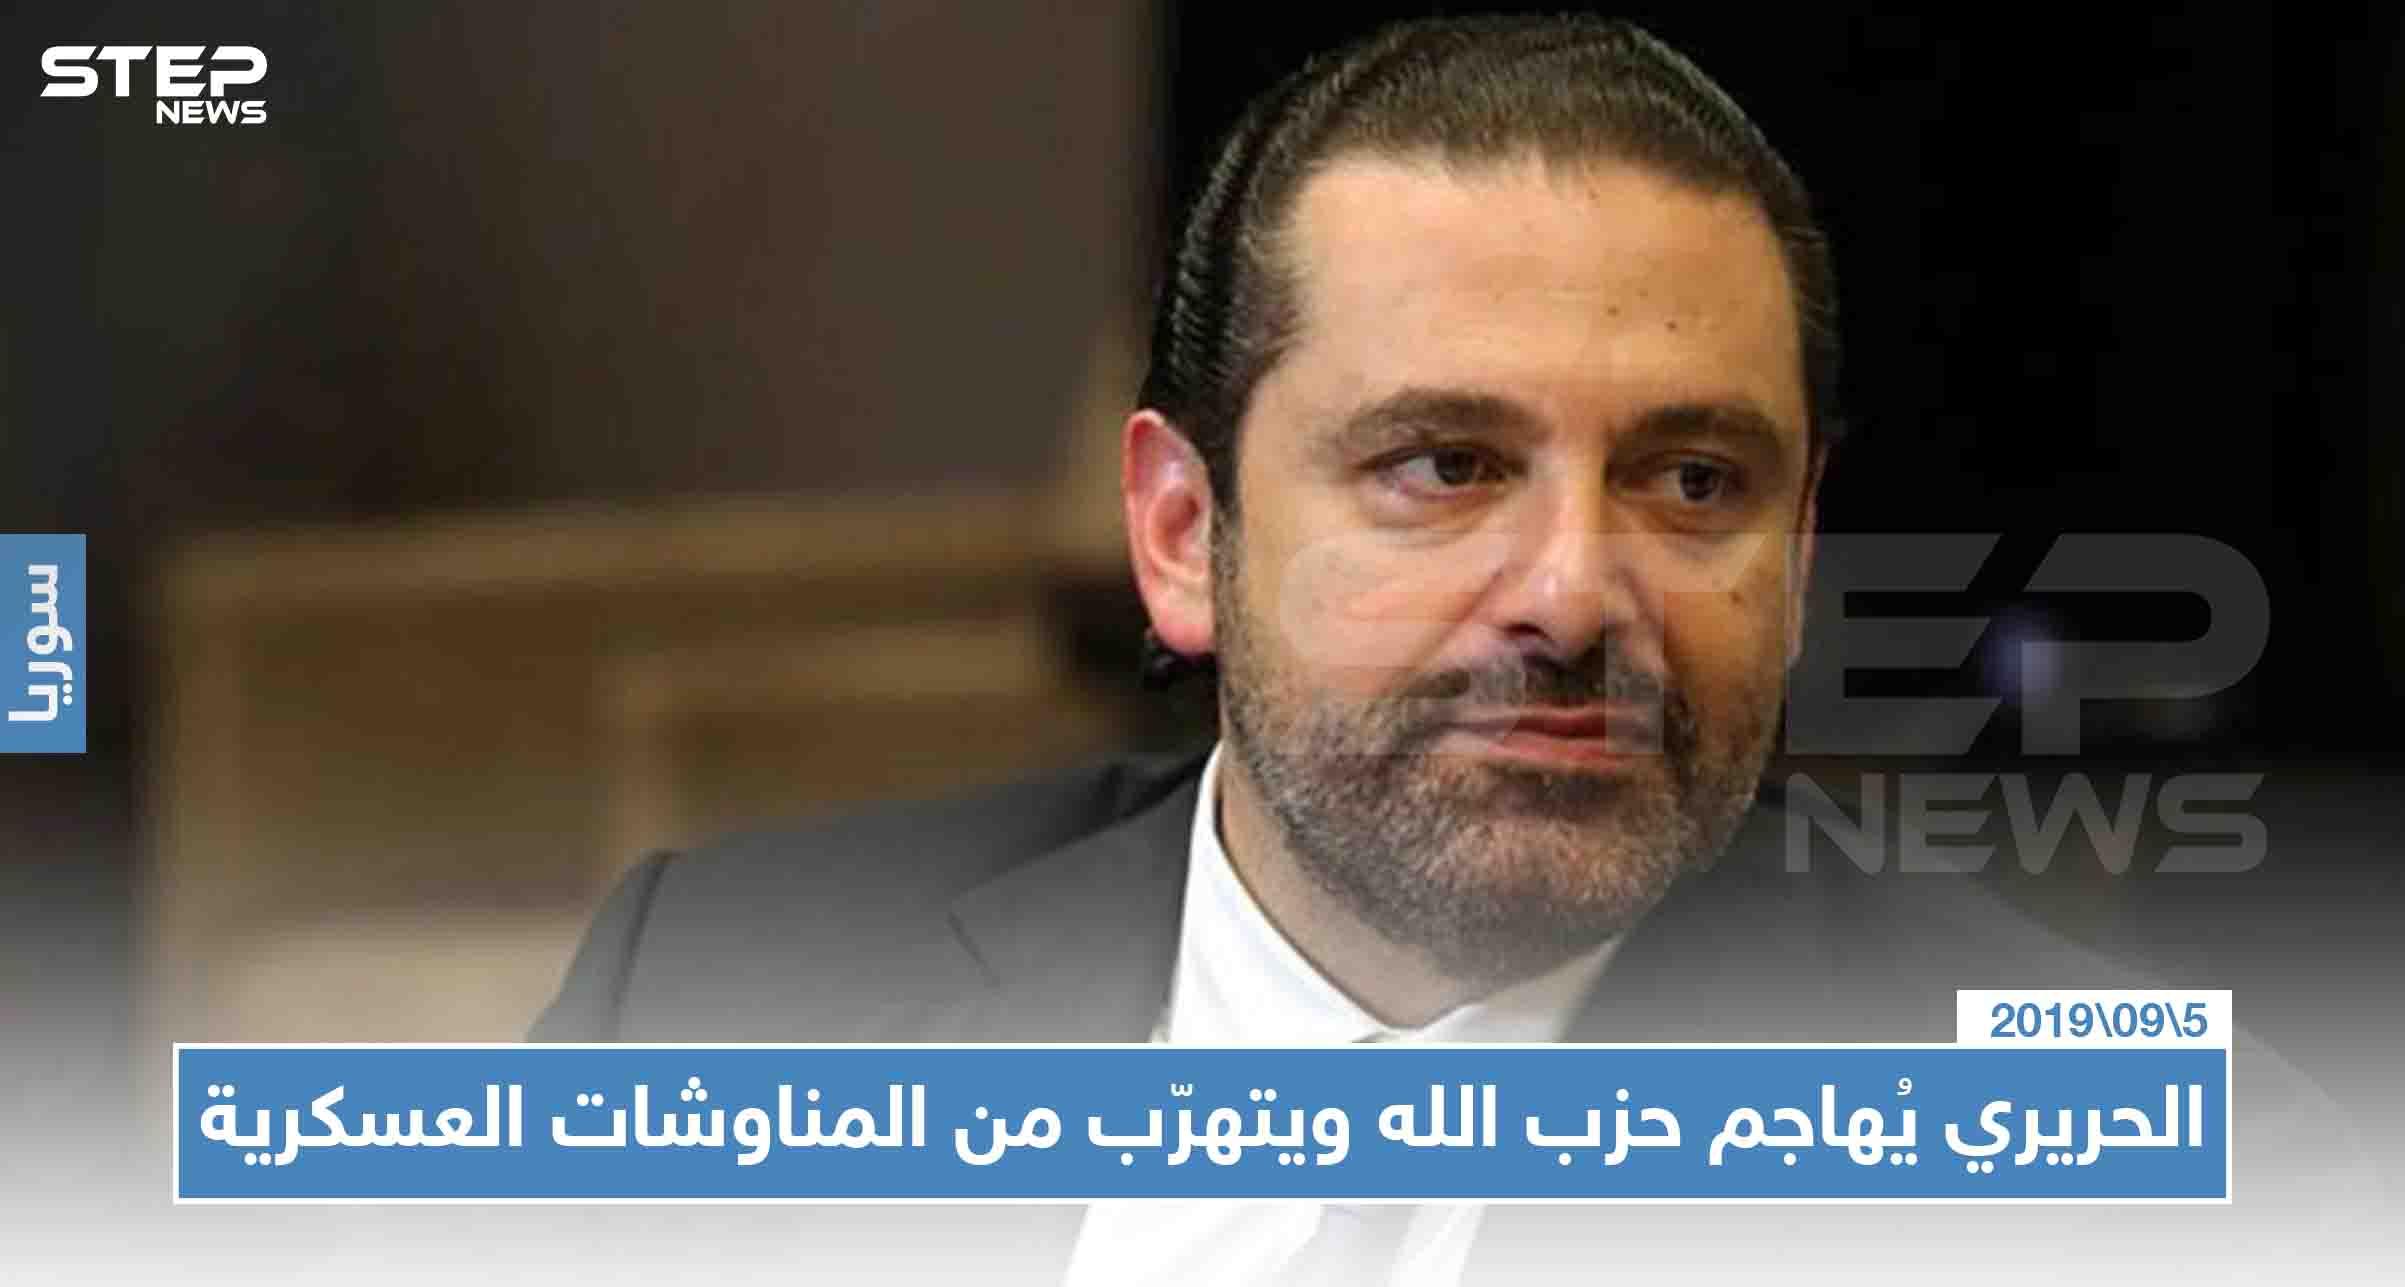 الحريري يُهاجم حزب الله ويتهرّب من المناوشات العسكرية الأخيرة